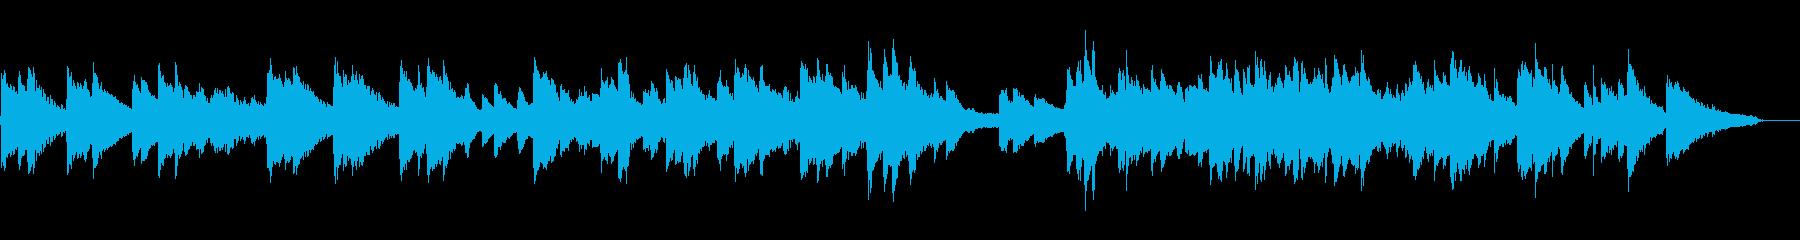 ピアノソロ 悲しげ 不思議 短いの再生済みの波形